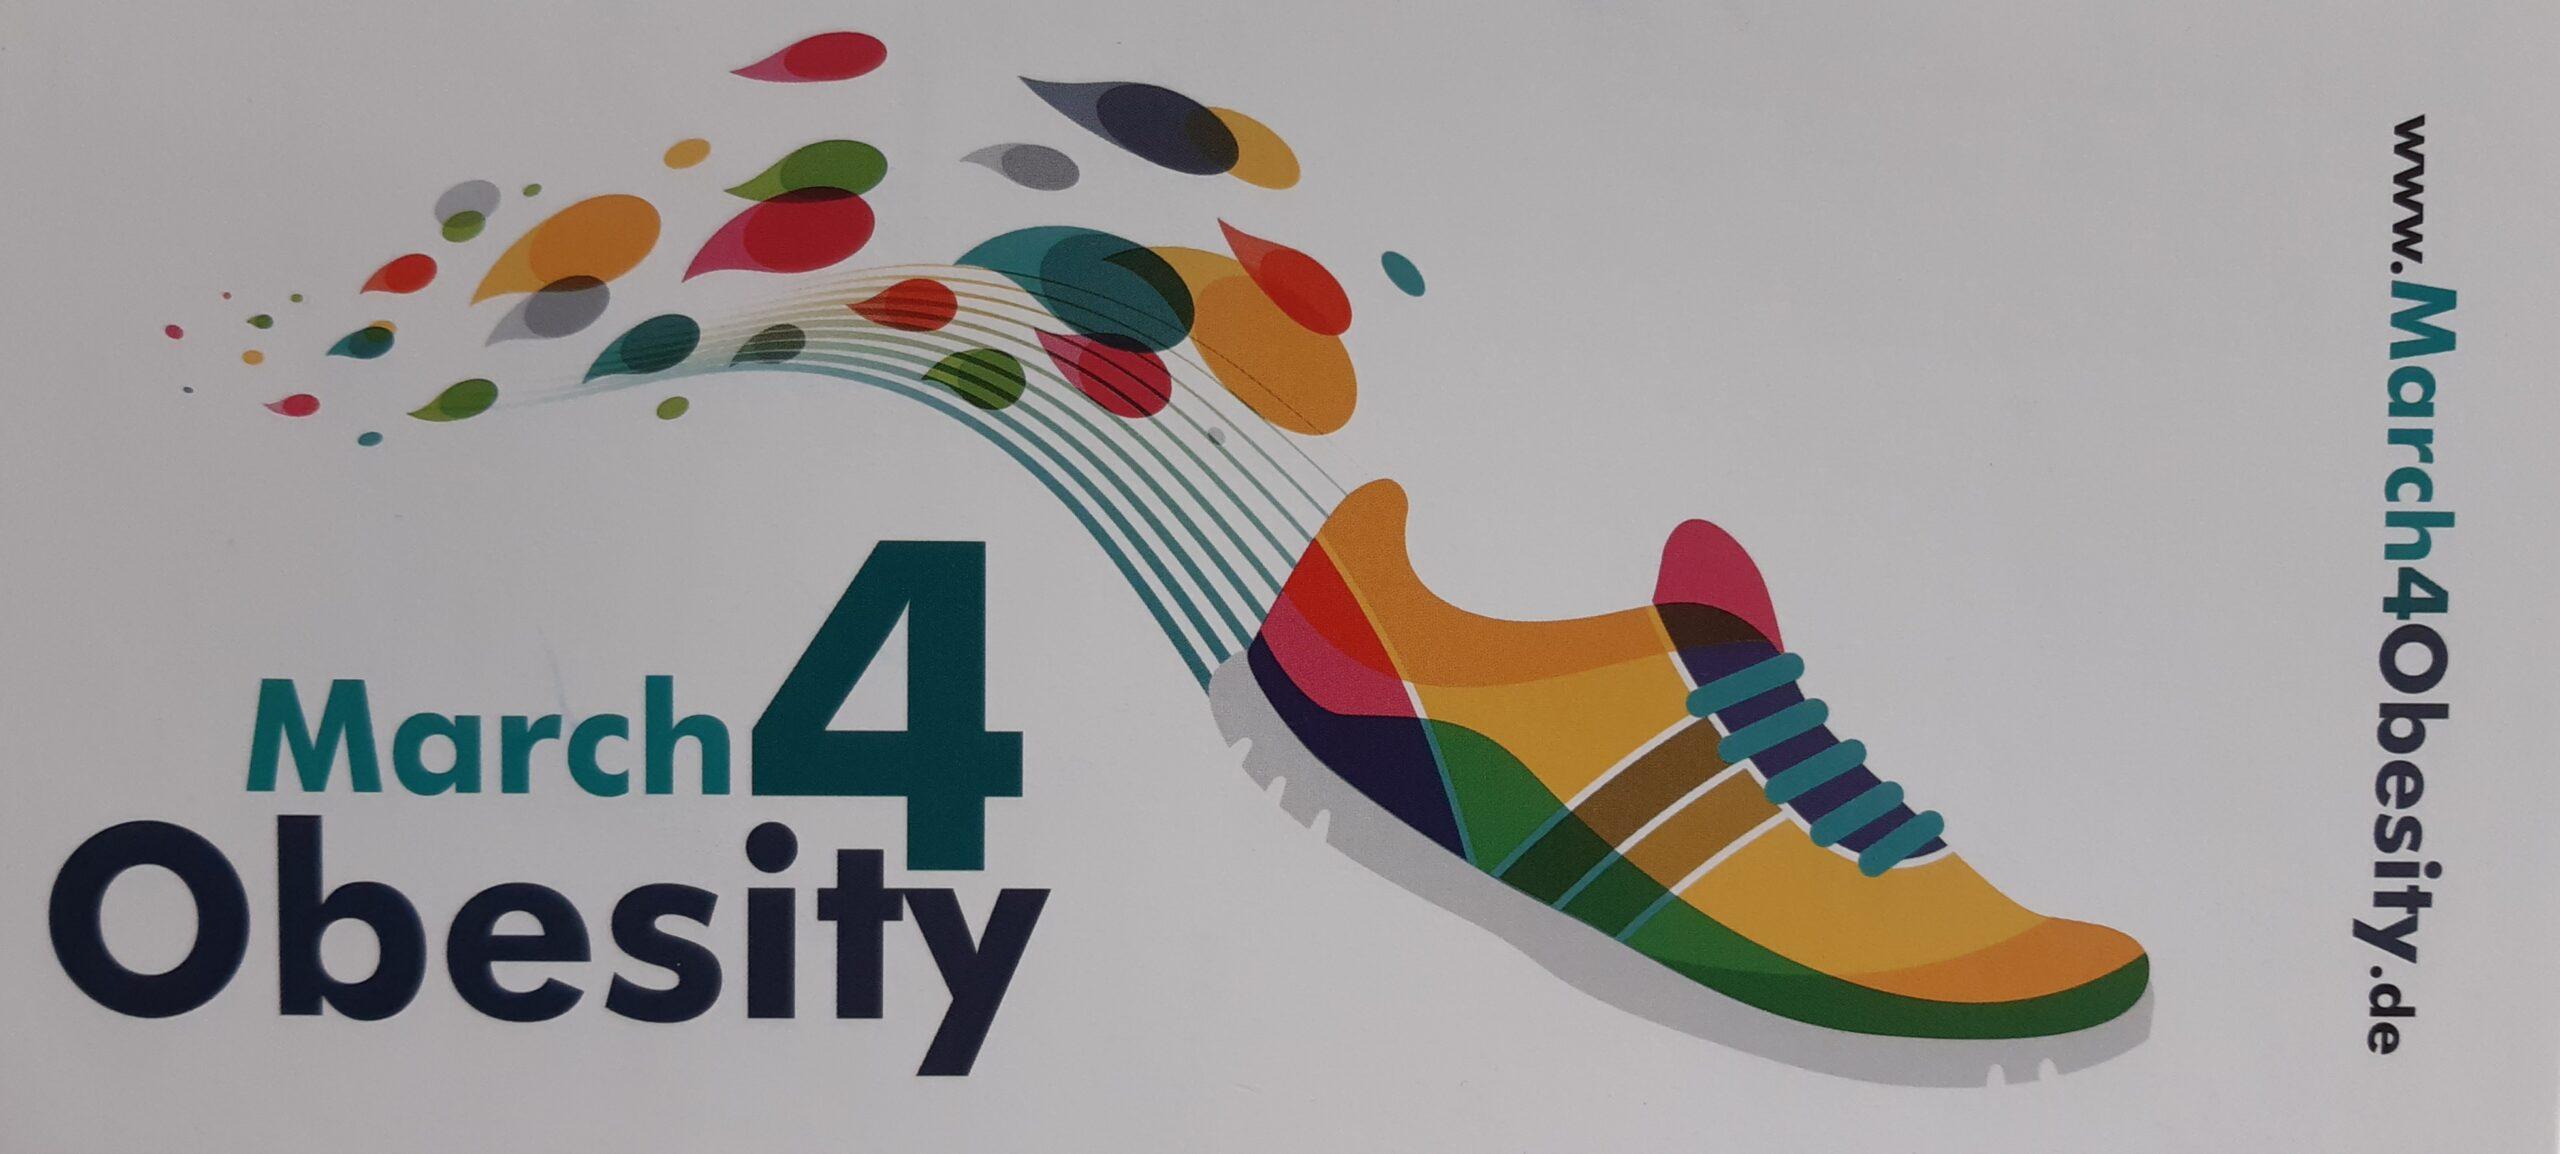 Foto March4Obesity Eine Abbildung von einem bunter Turnschuh in Bewegung mit farbigen Tropfen als Laufbewegung